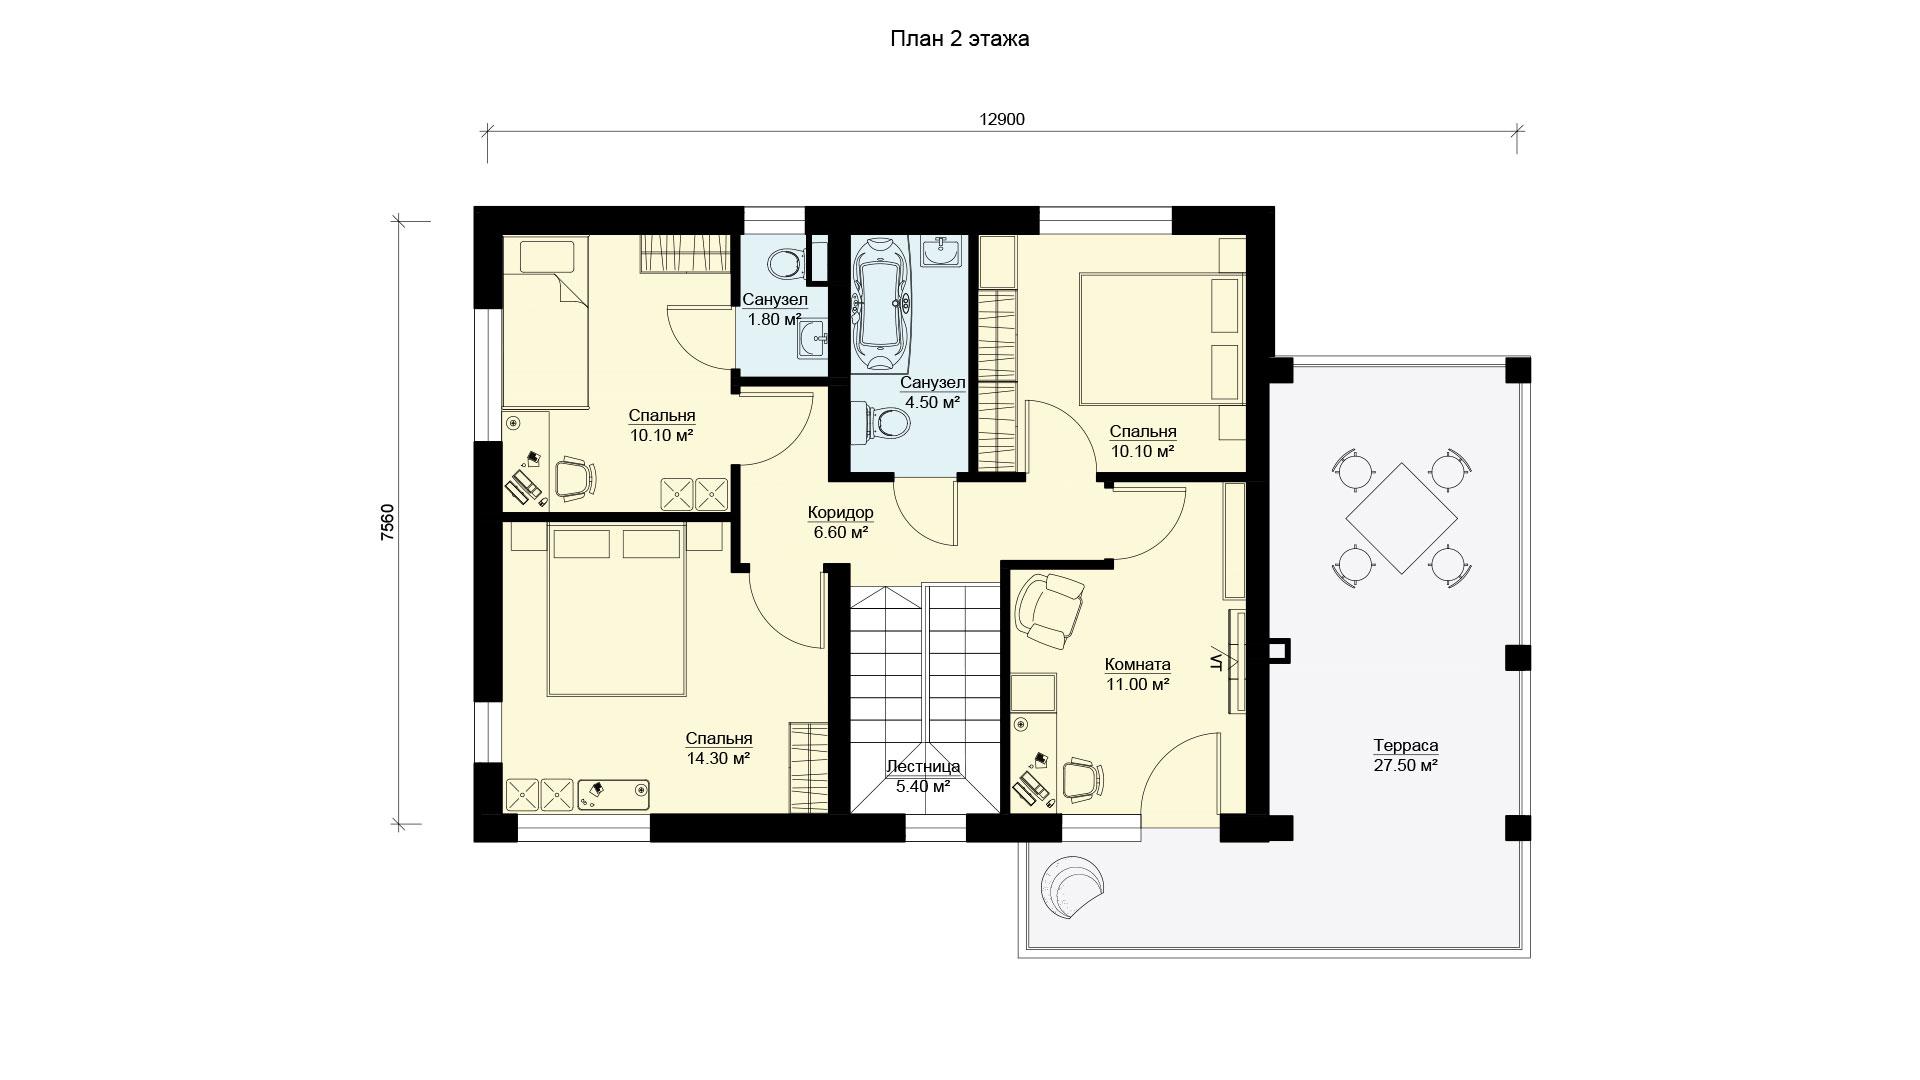 План второго этажа двухэтажного дома с эксплуатируемой крышей, проект БЭНПАН БП-190.